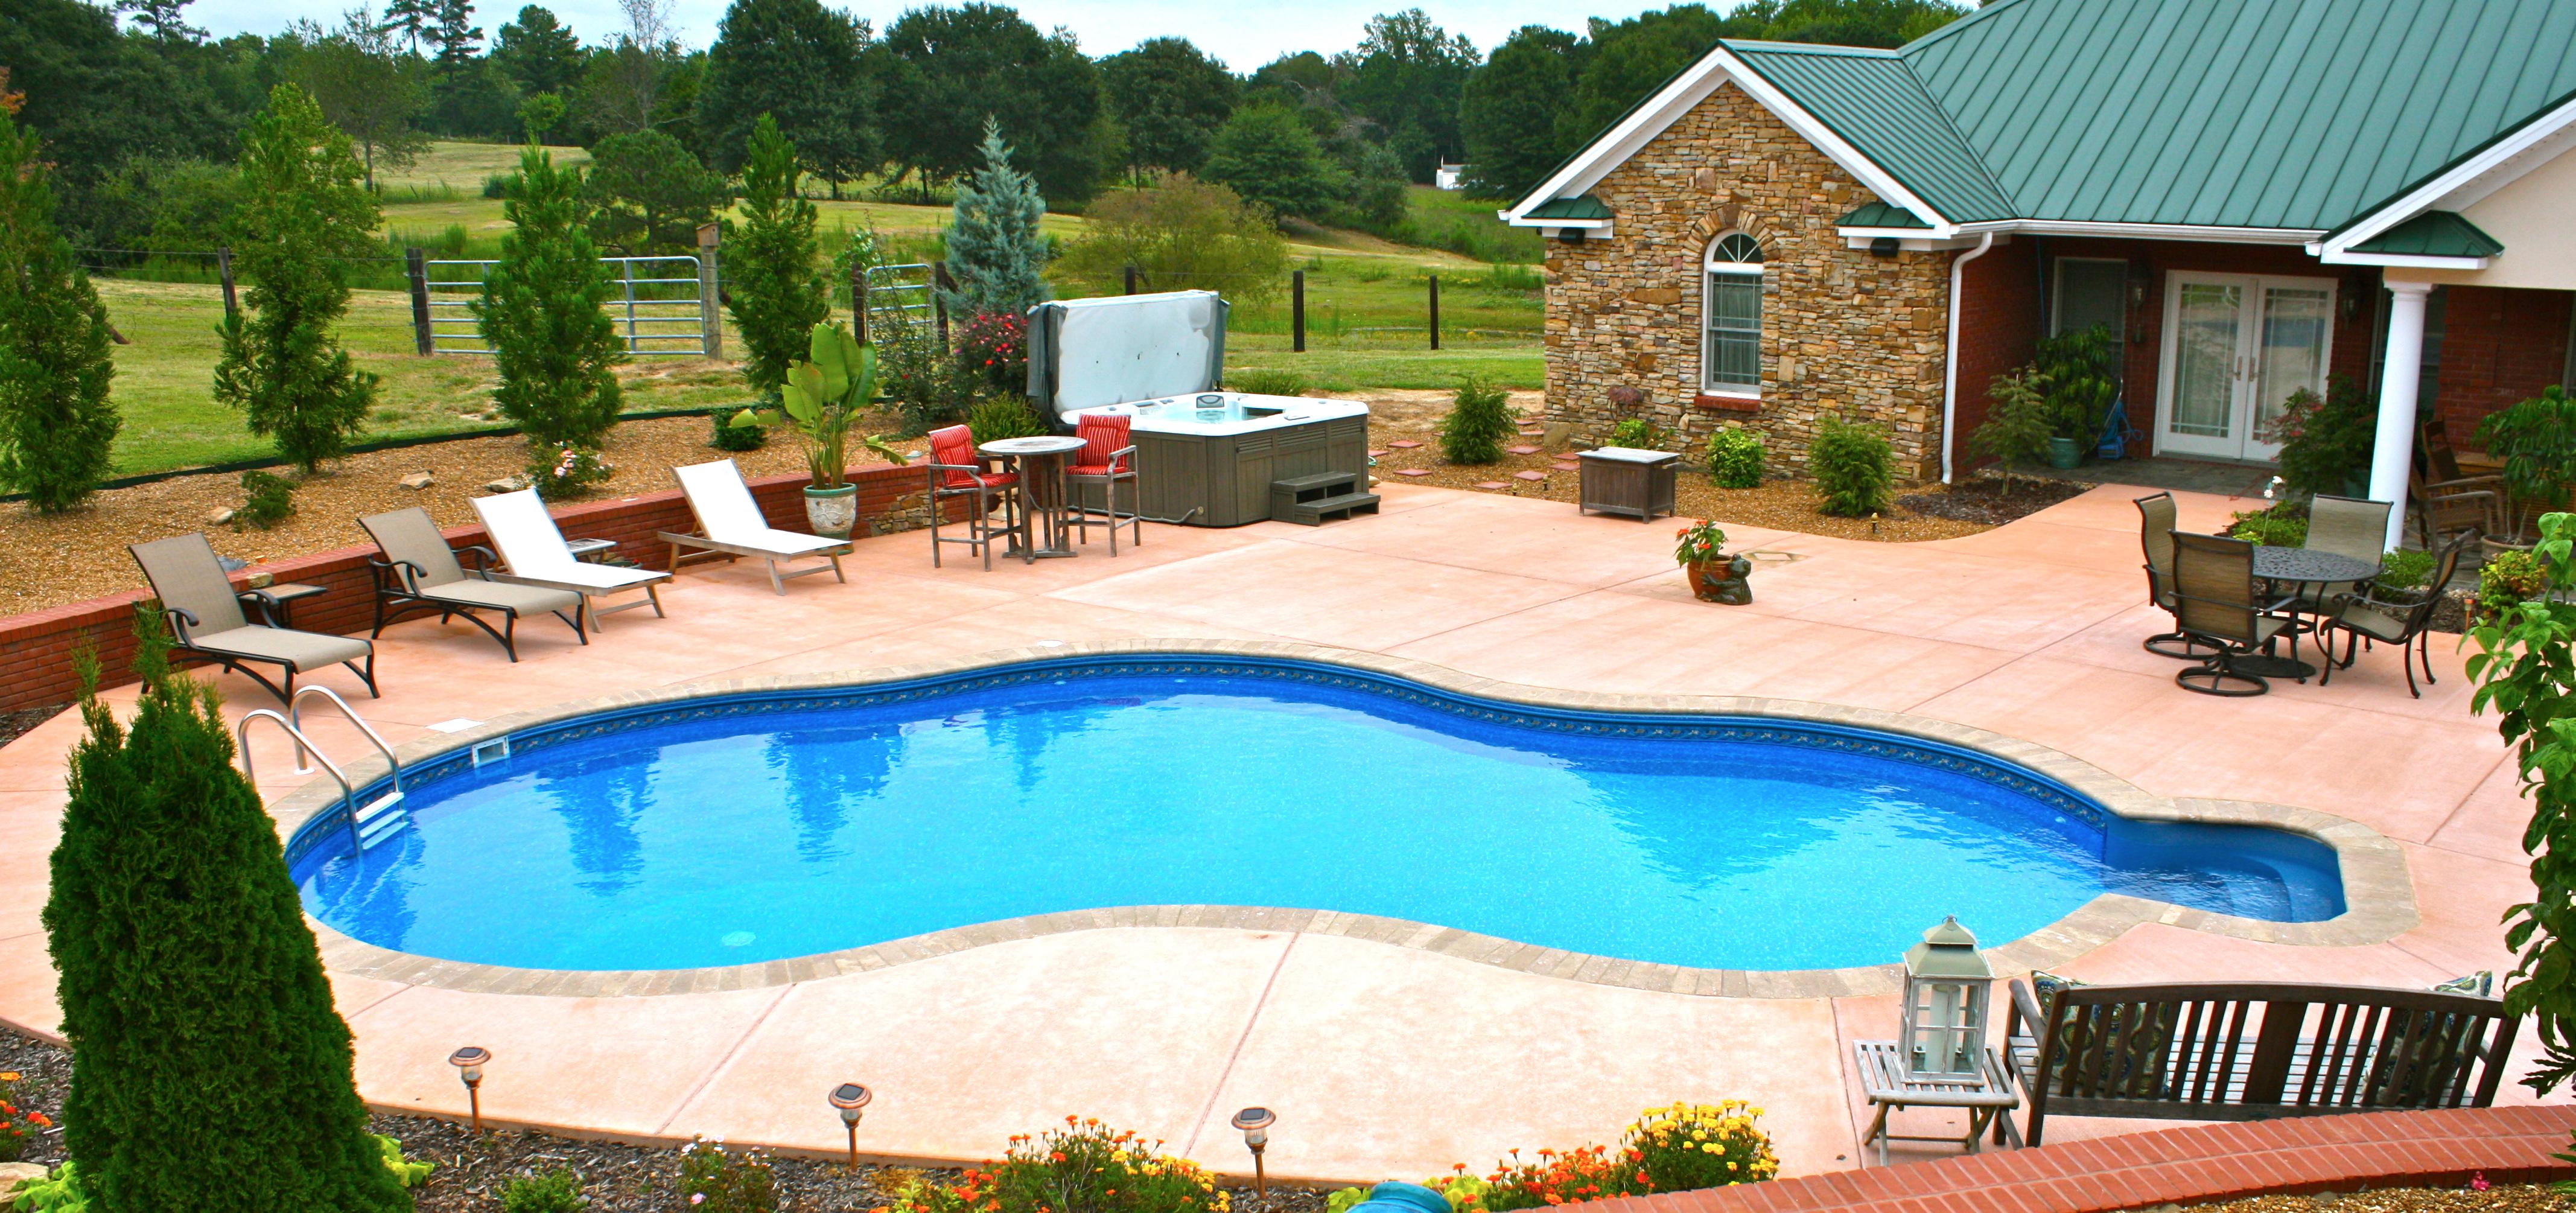 Patio ideas for pool area design and ideas for Pool area decor